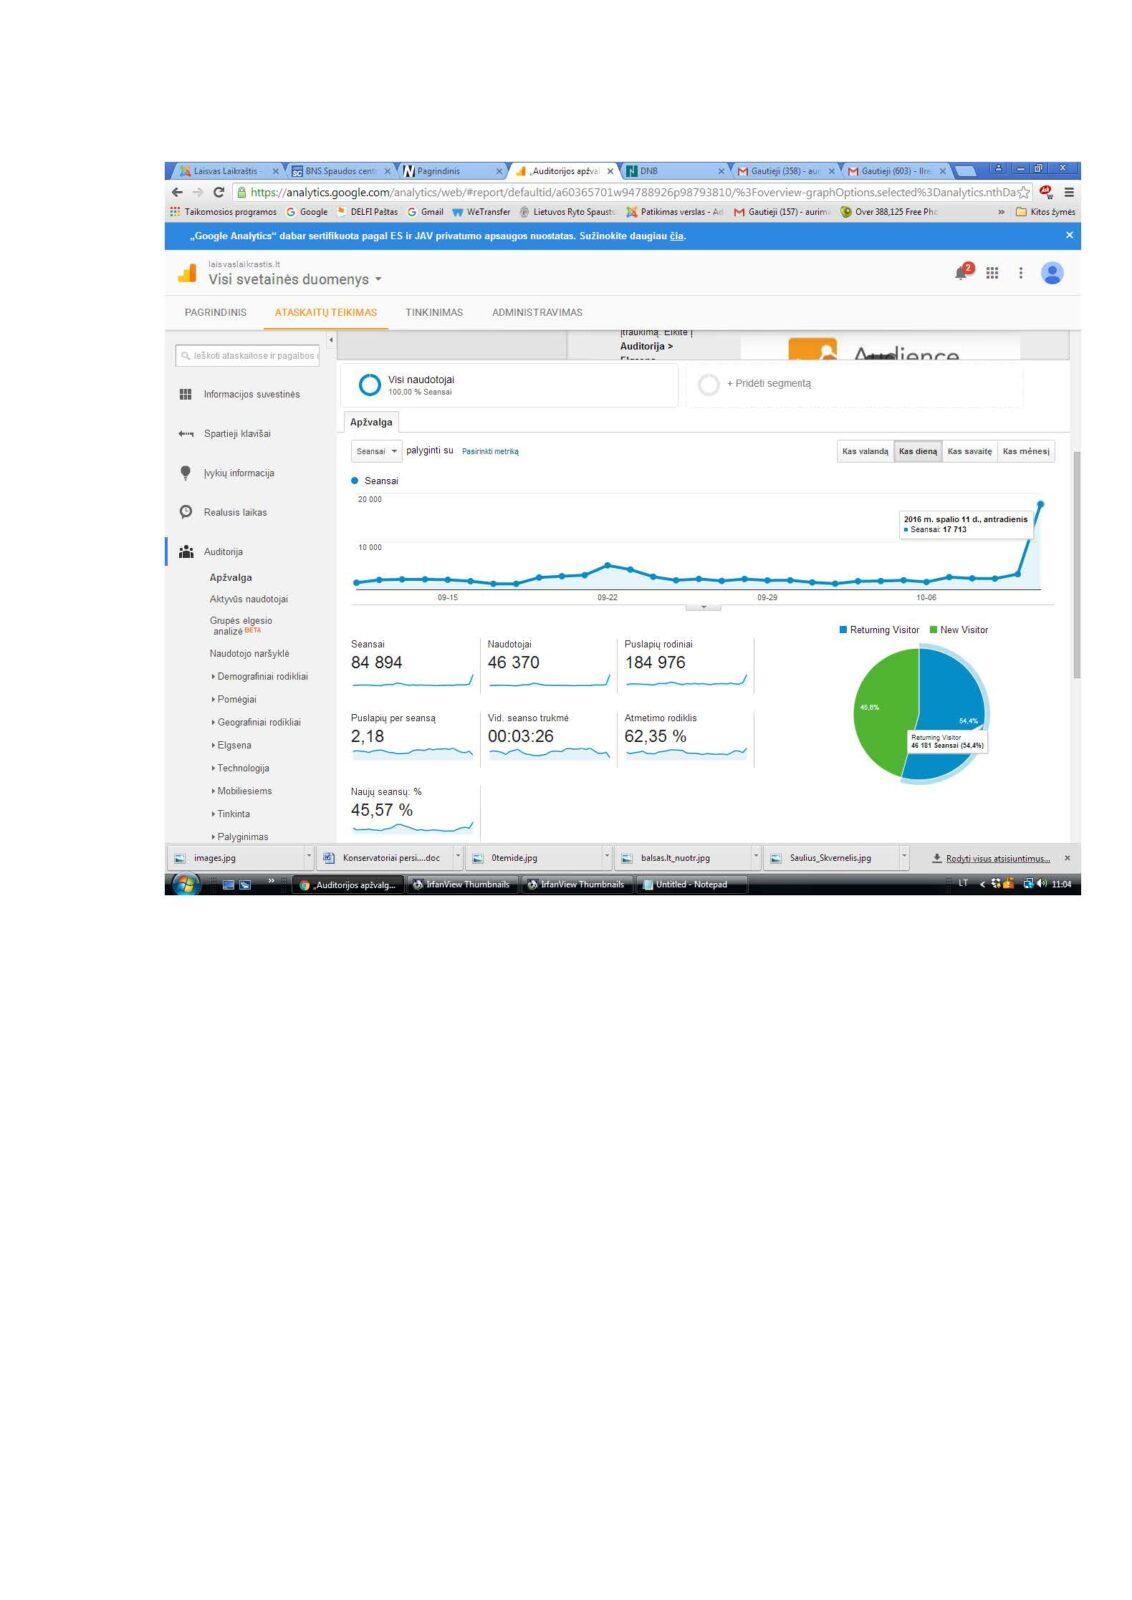 www.laisvaslaikrastis.lt spalio 11 d. skaitė 17 713 žmonių